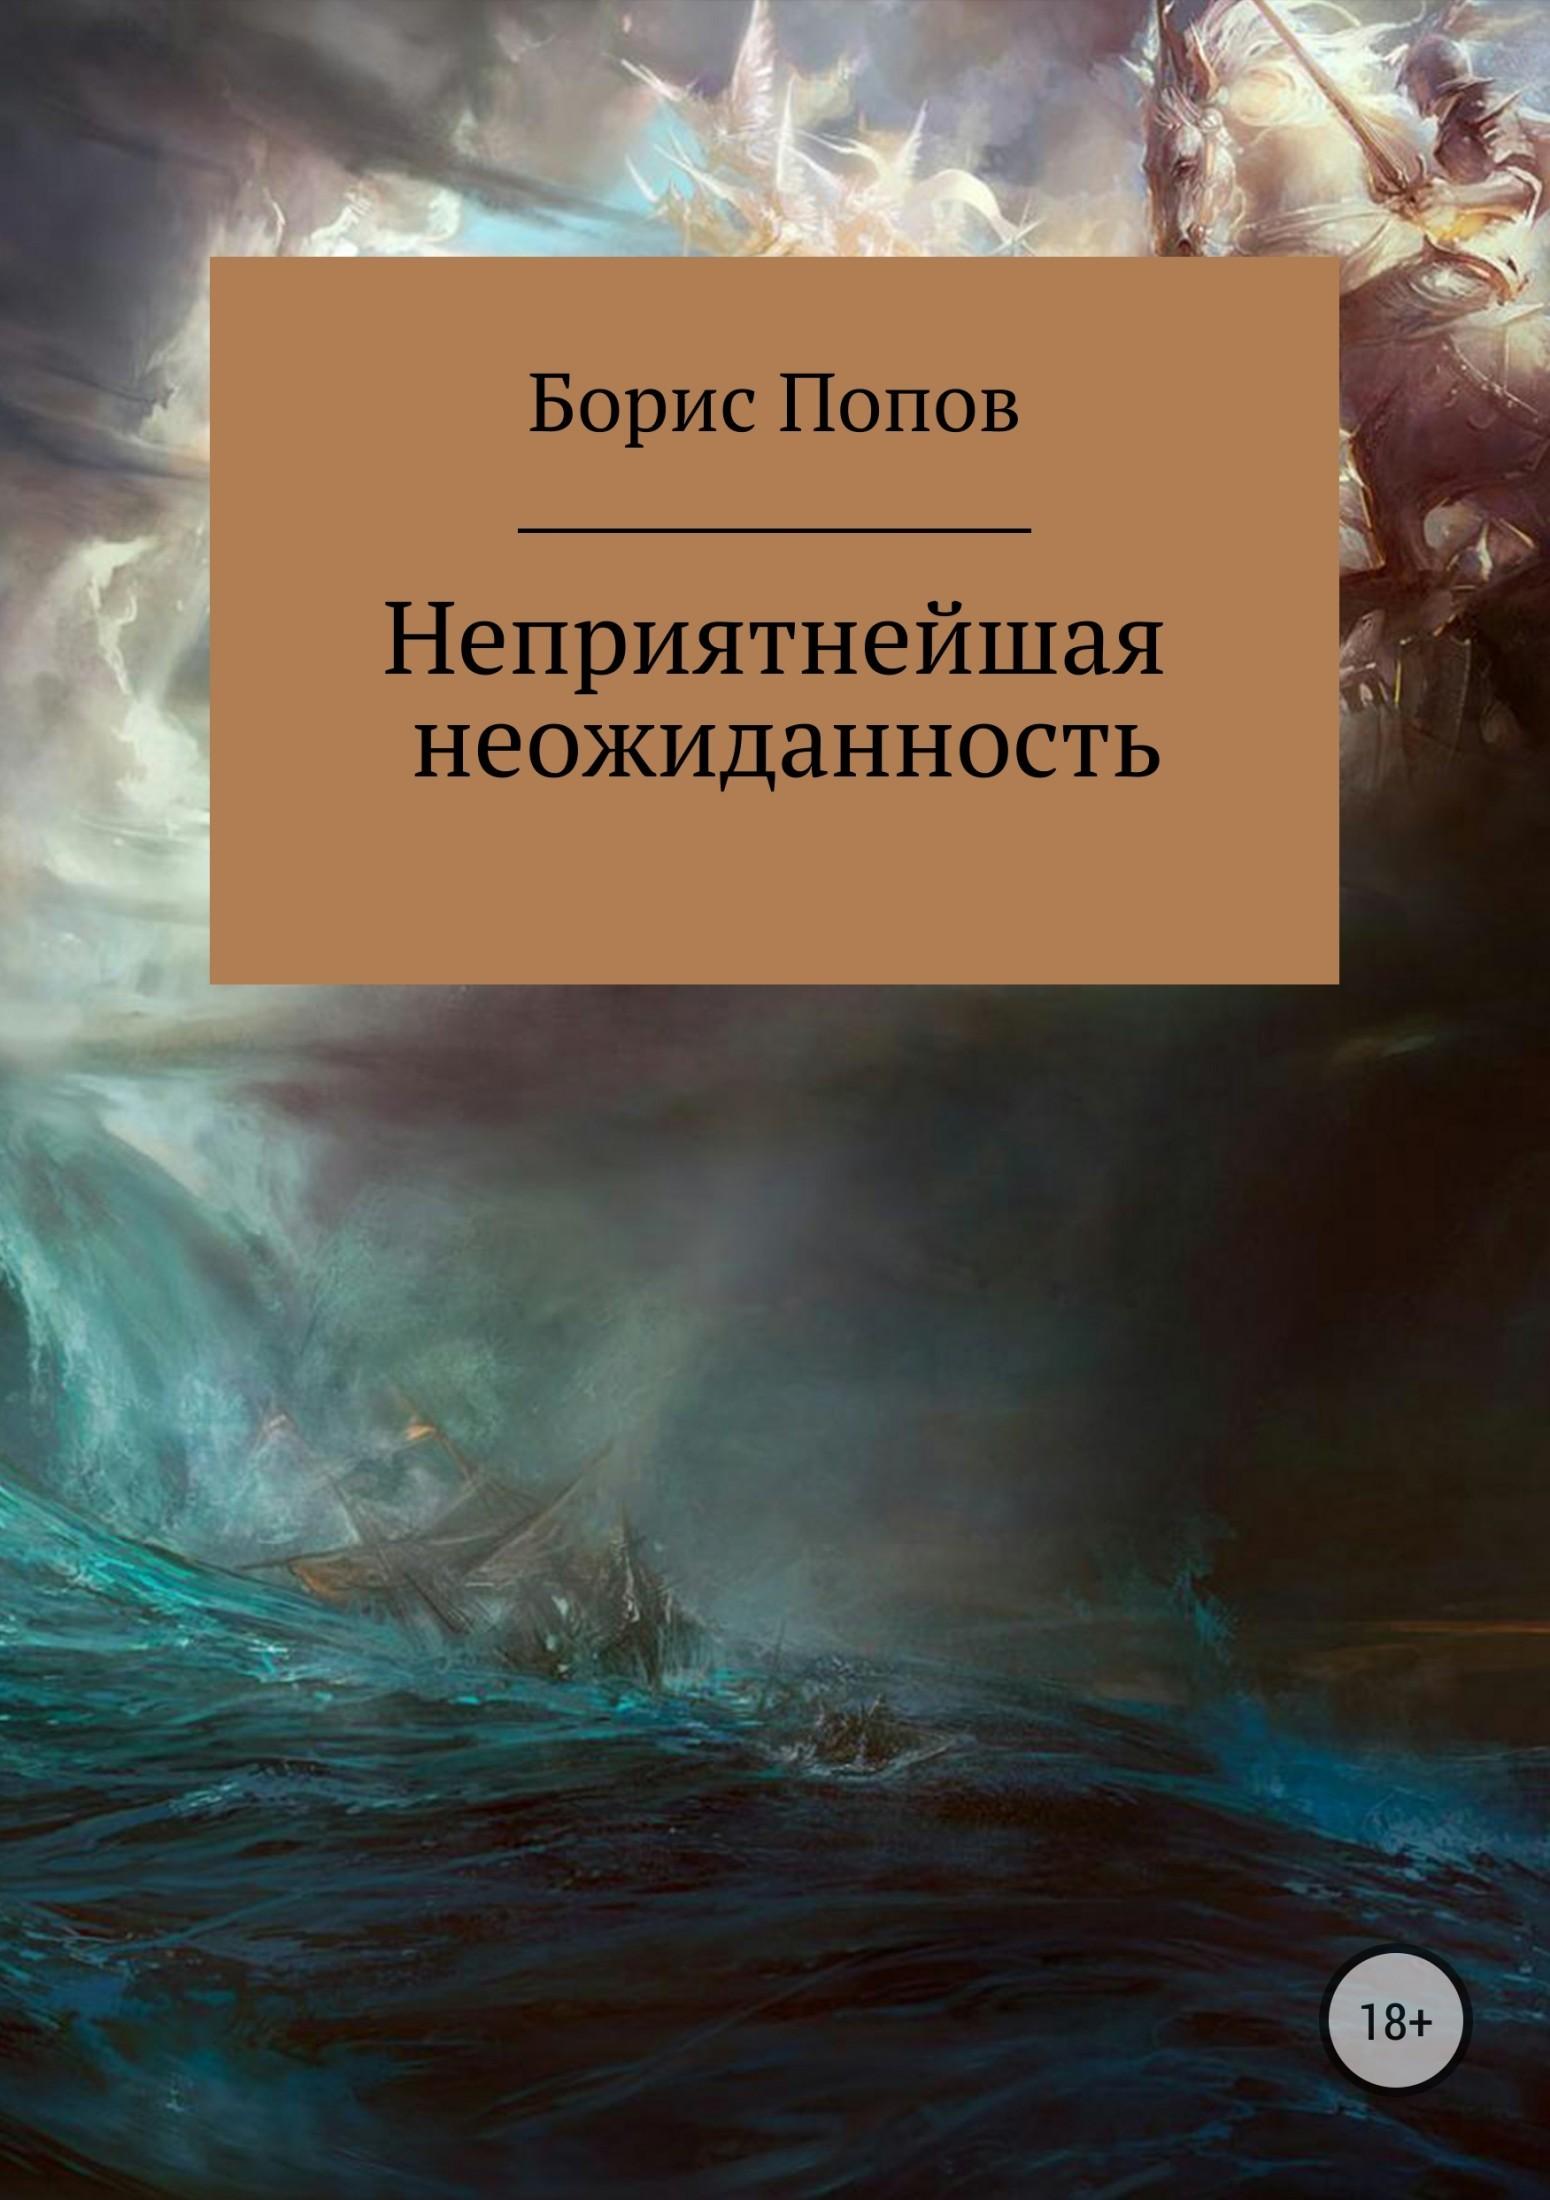 Борис Владимирович Попов Неприятнейшая неожиданность мельник а черные сказки железного века